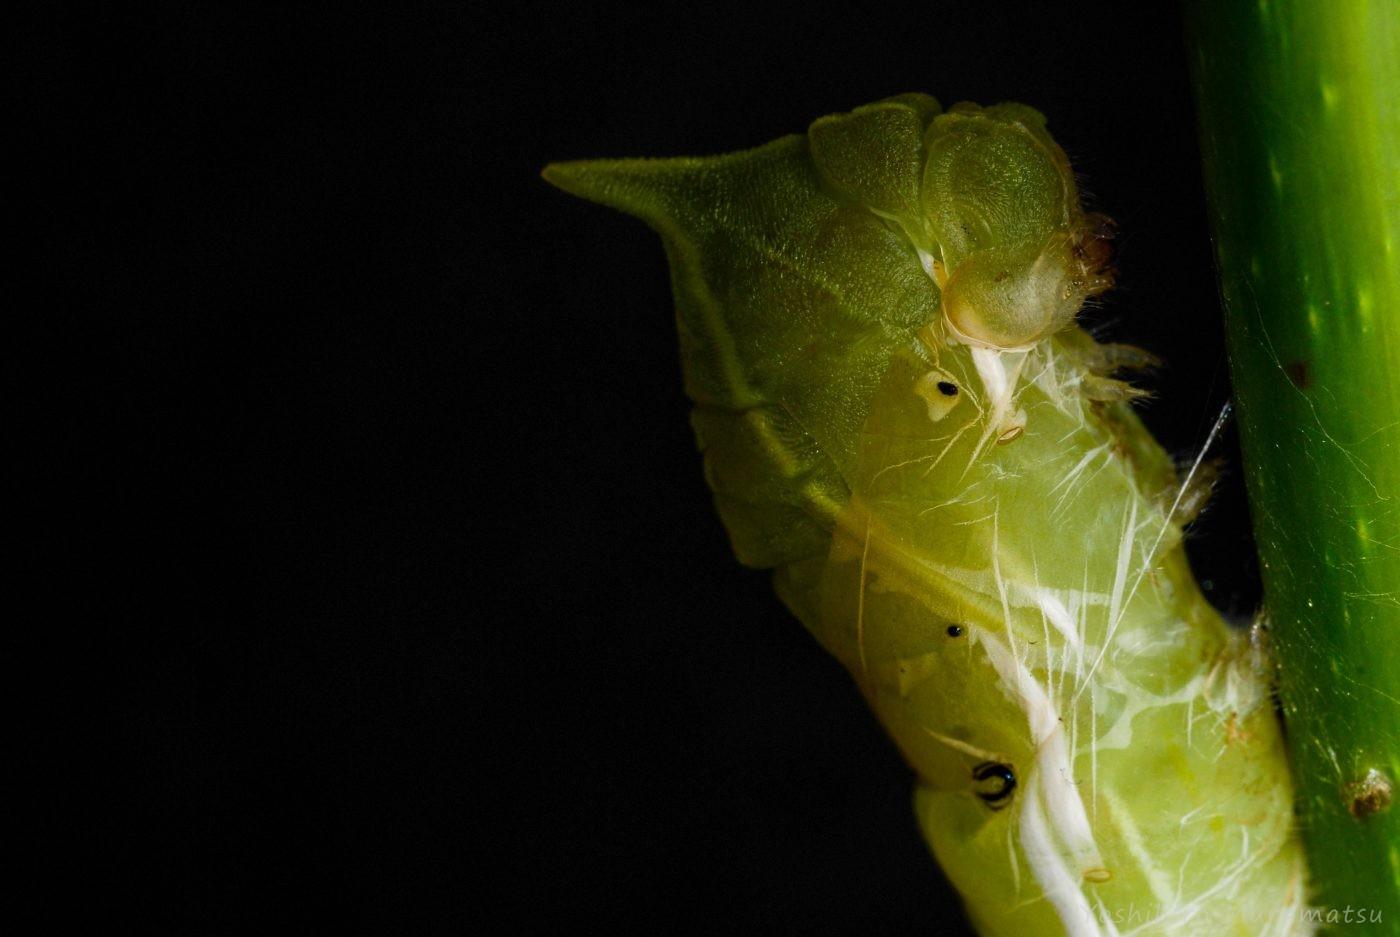 アオスジアゲハ蛹化